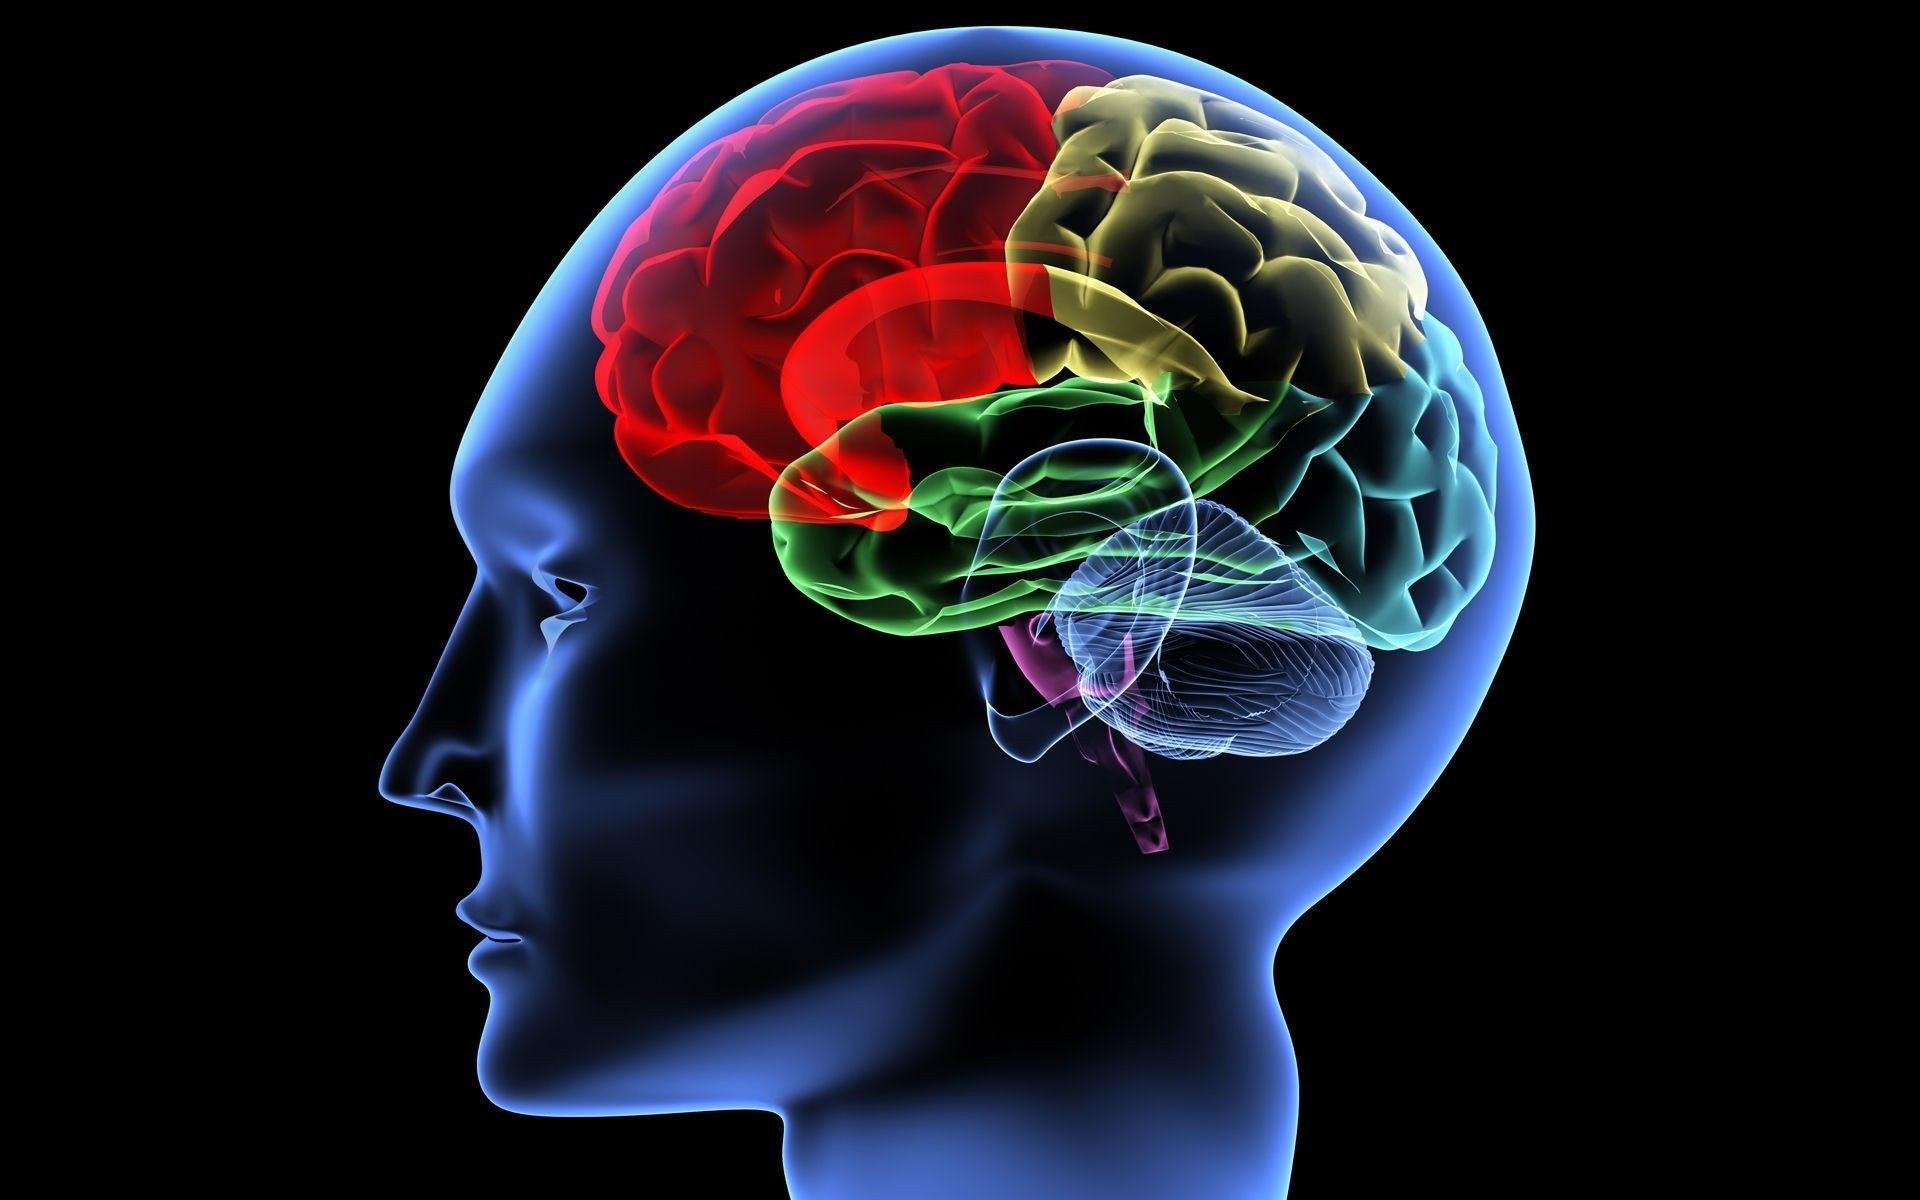 При погружении в гипнотический транс у человека меняется активность различных отделов мозга